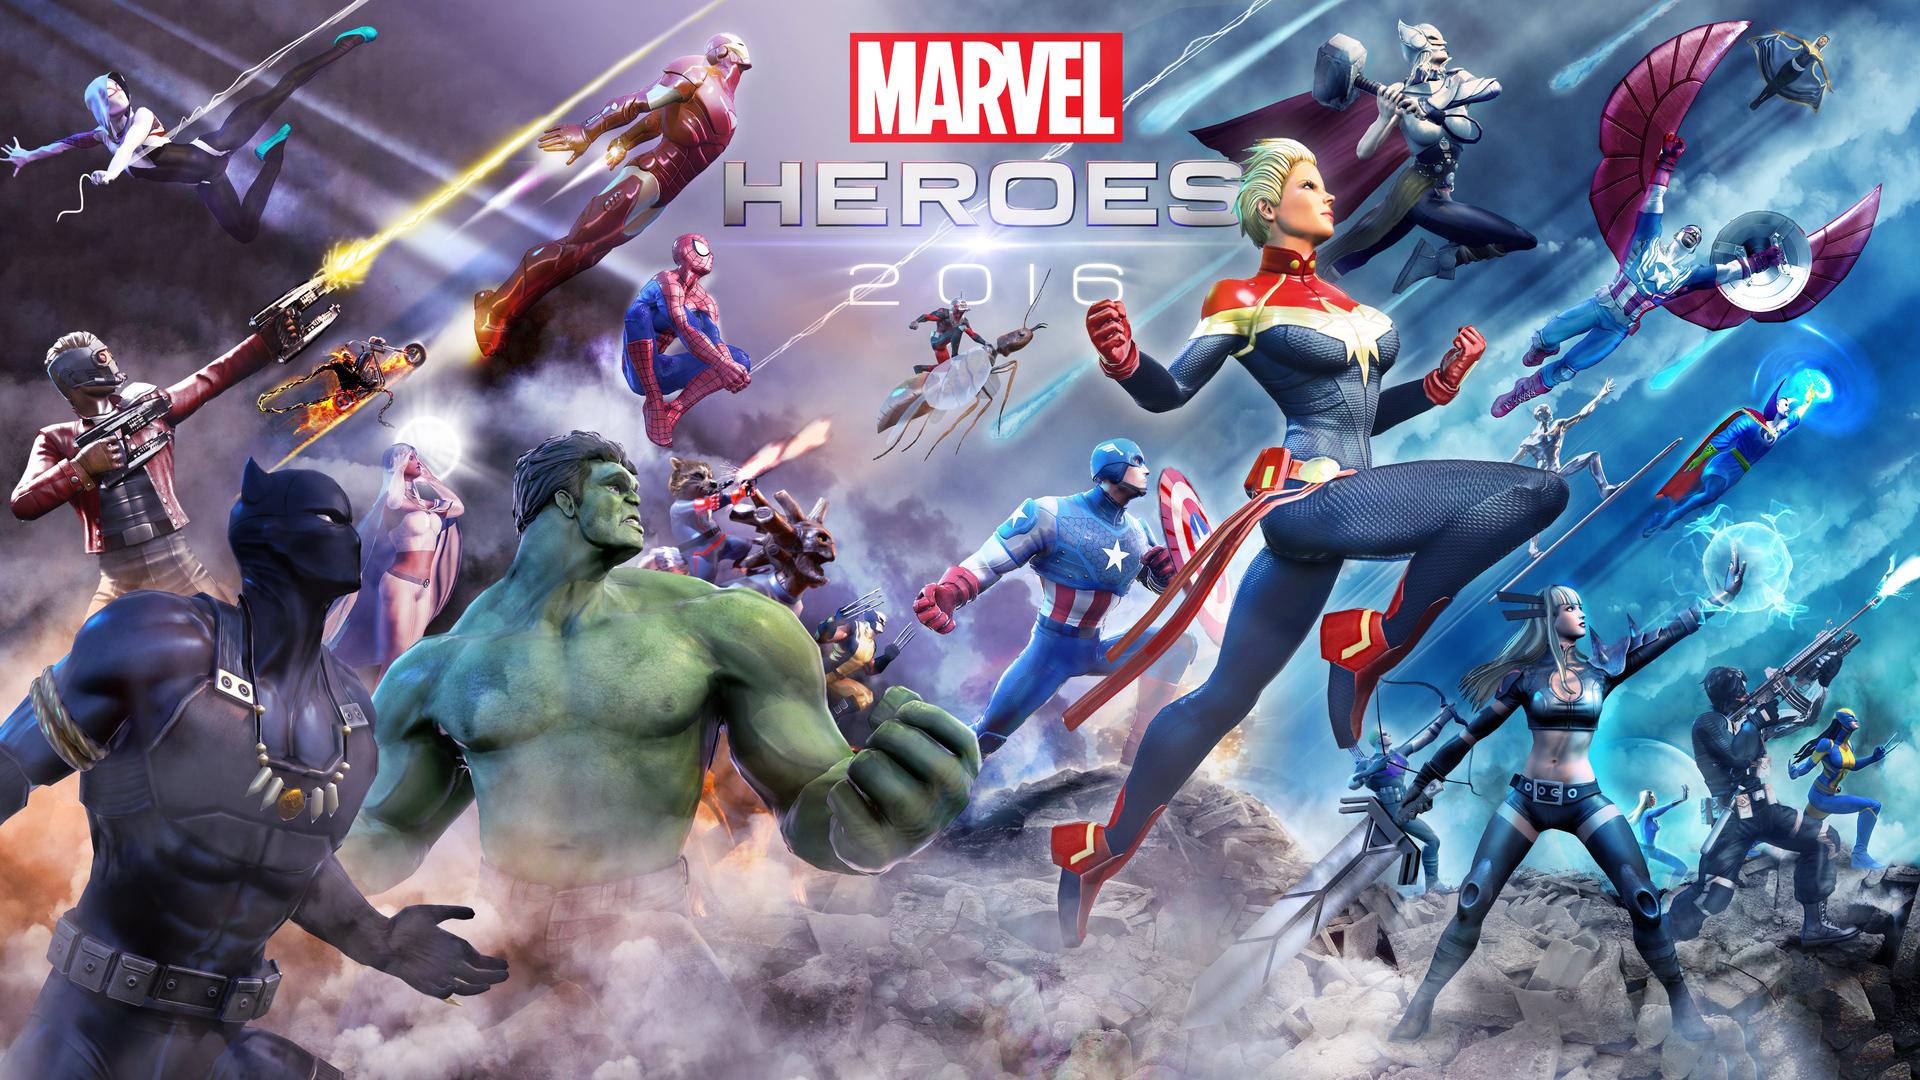 1920x1080 Marvel Heroes 5k 2018 Laptop Full HD 1080P HD 4k ...